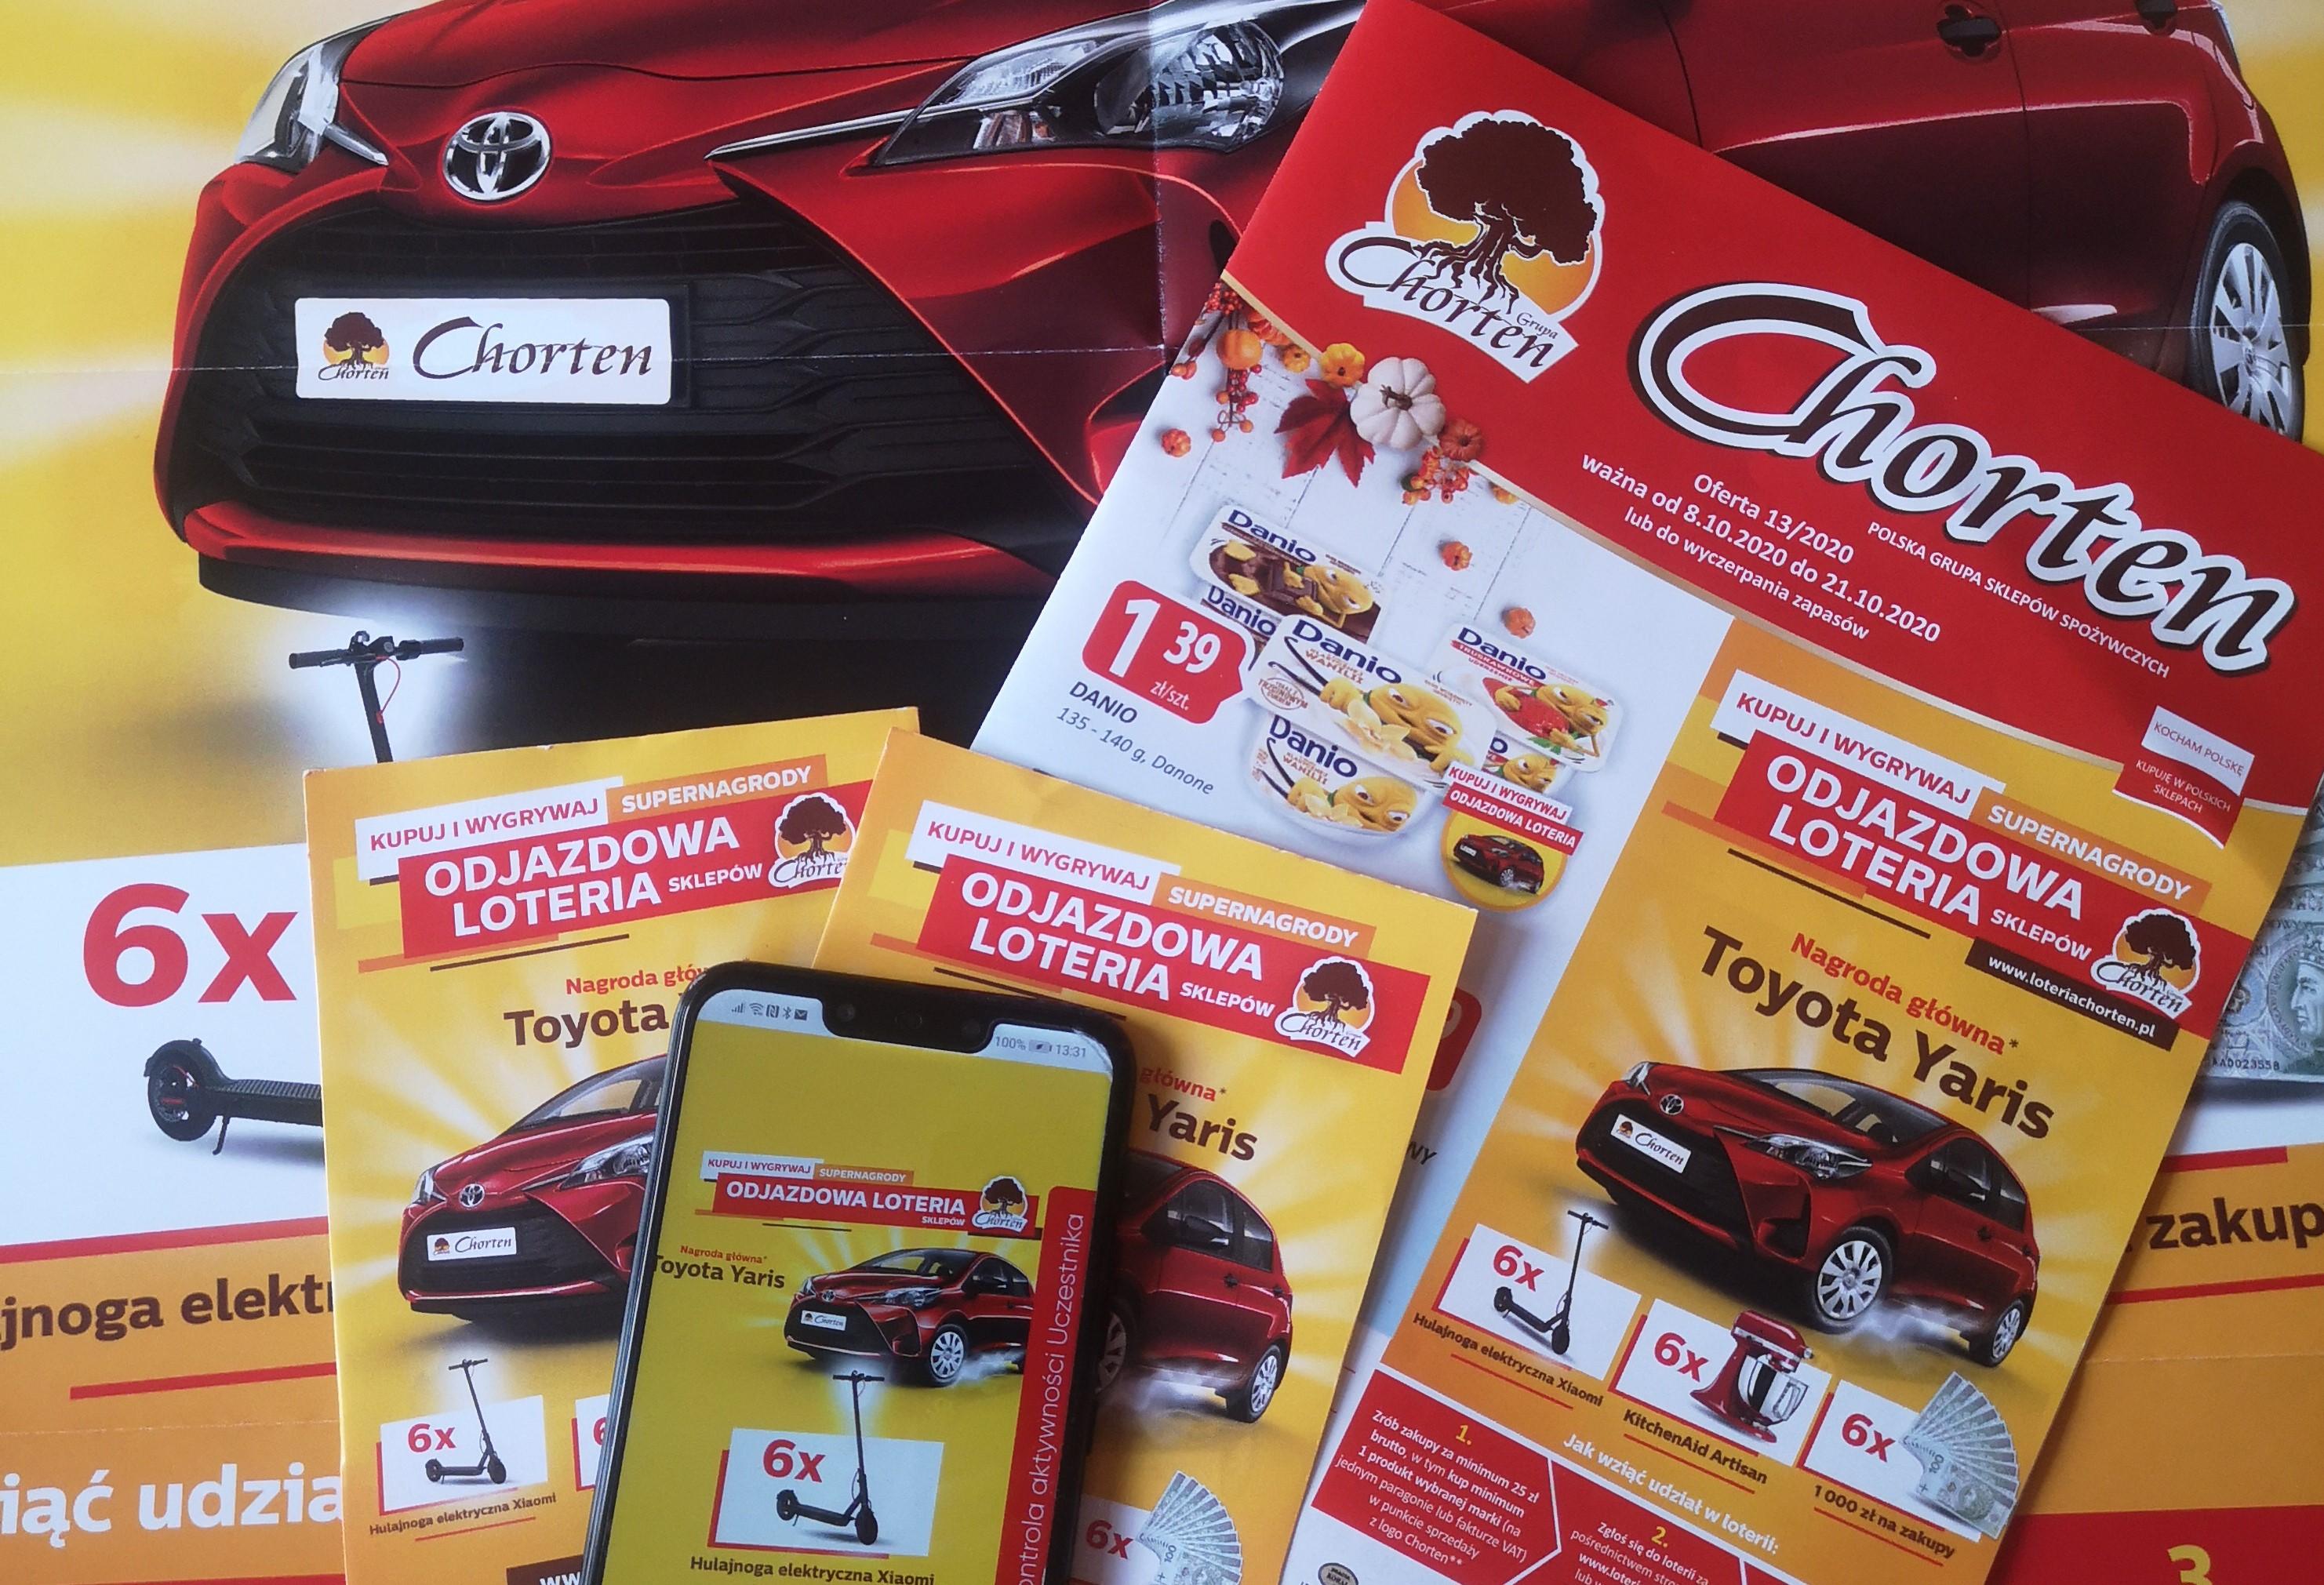 Znane marki w loterii sklepów Chorten